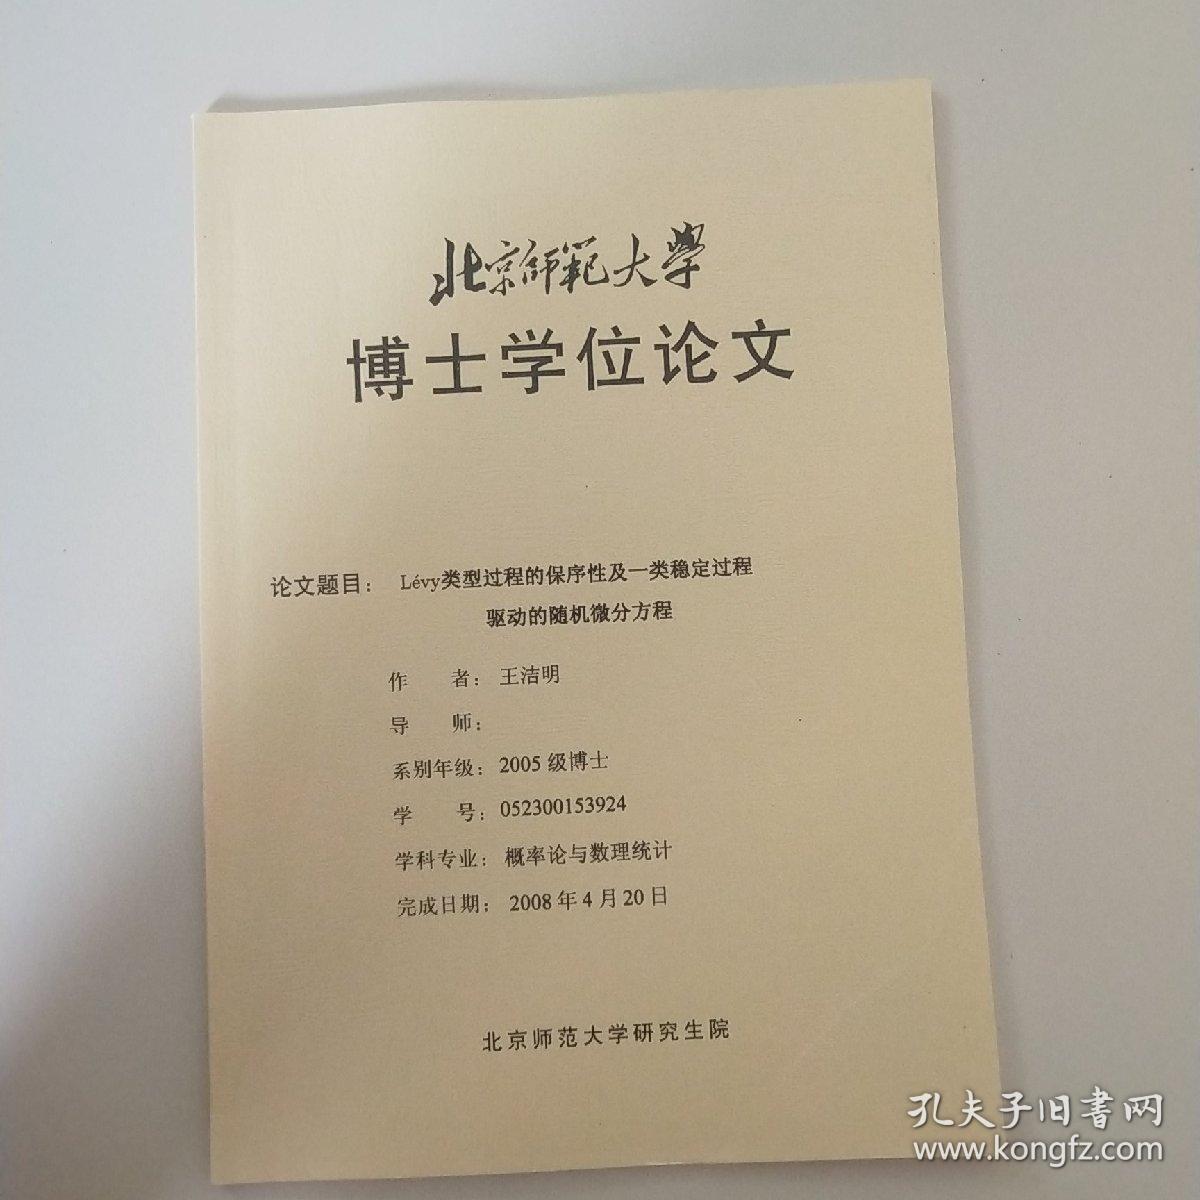 北京师范大学博士学位论文:Levy类型过程的保序性记忆力稳定过程驱动的随机微分方程